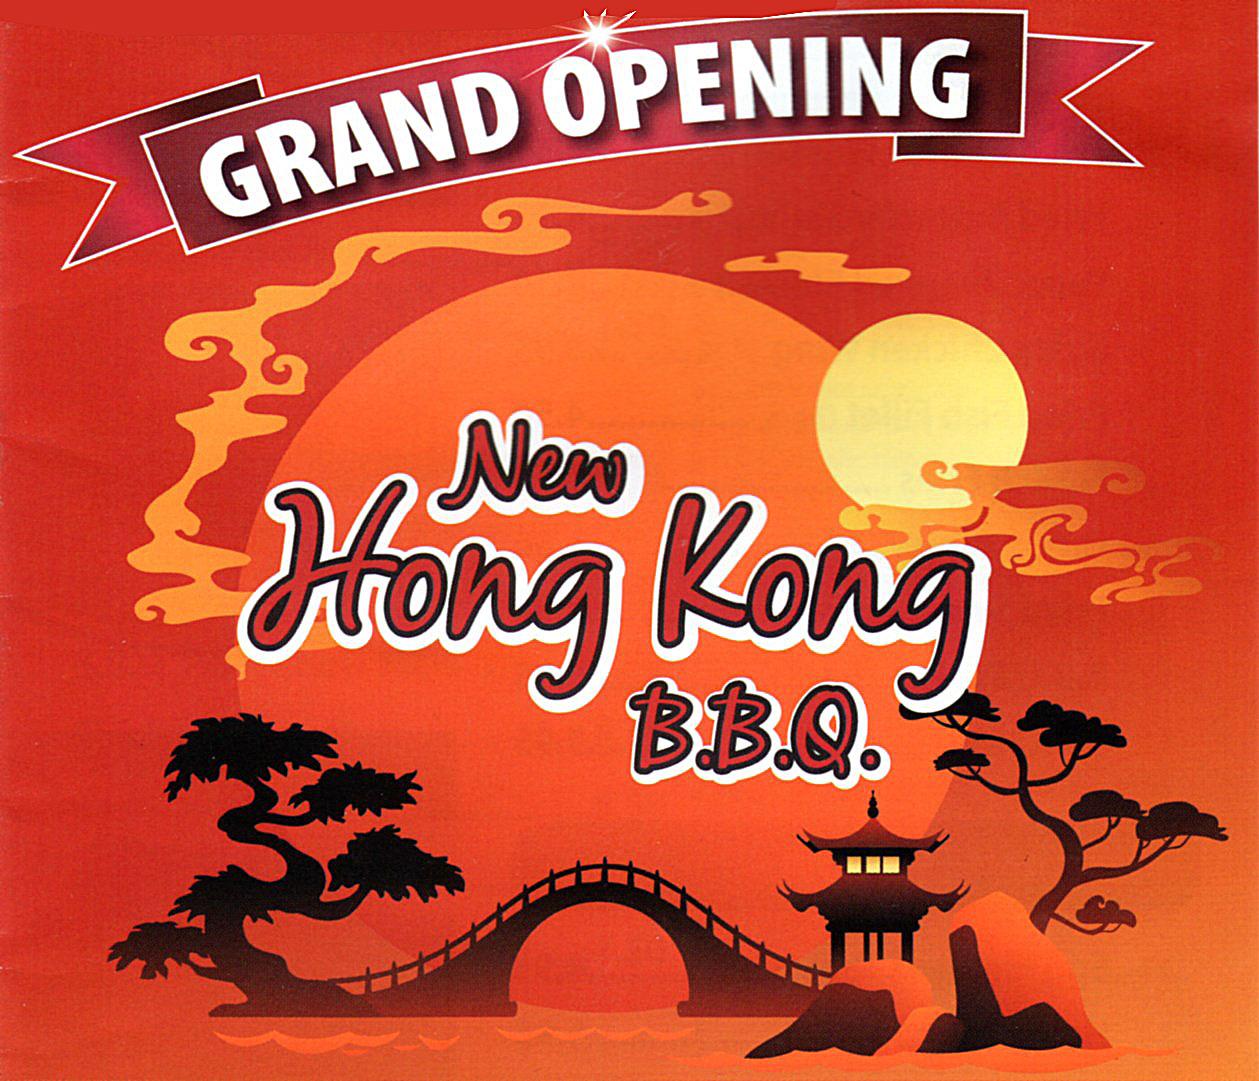 hongkongLogo